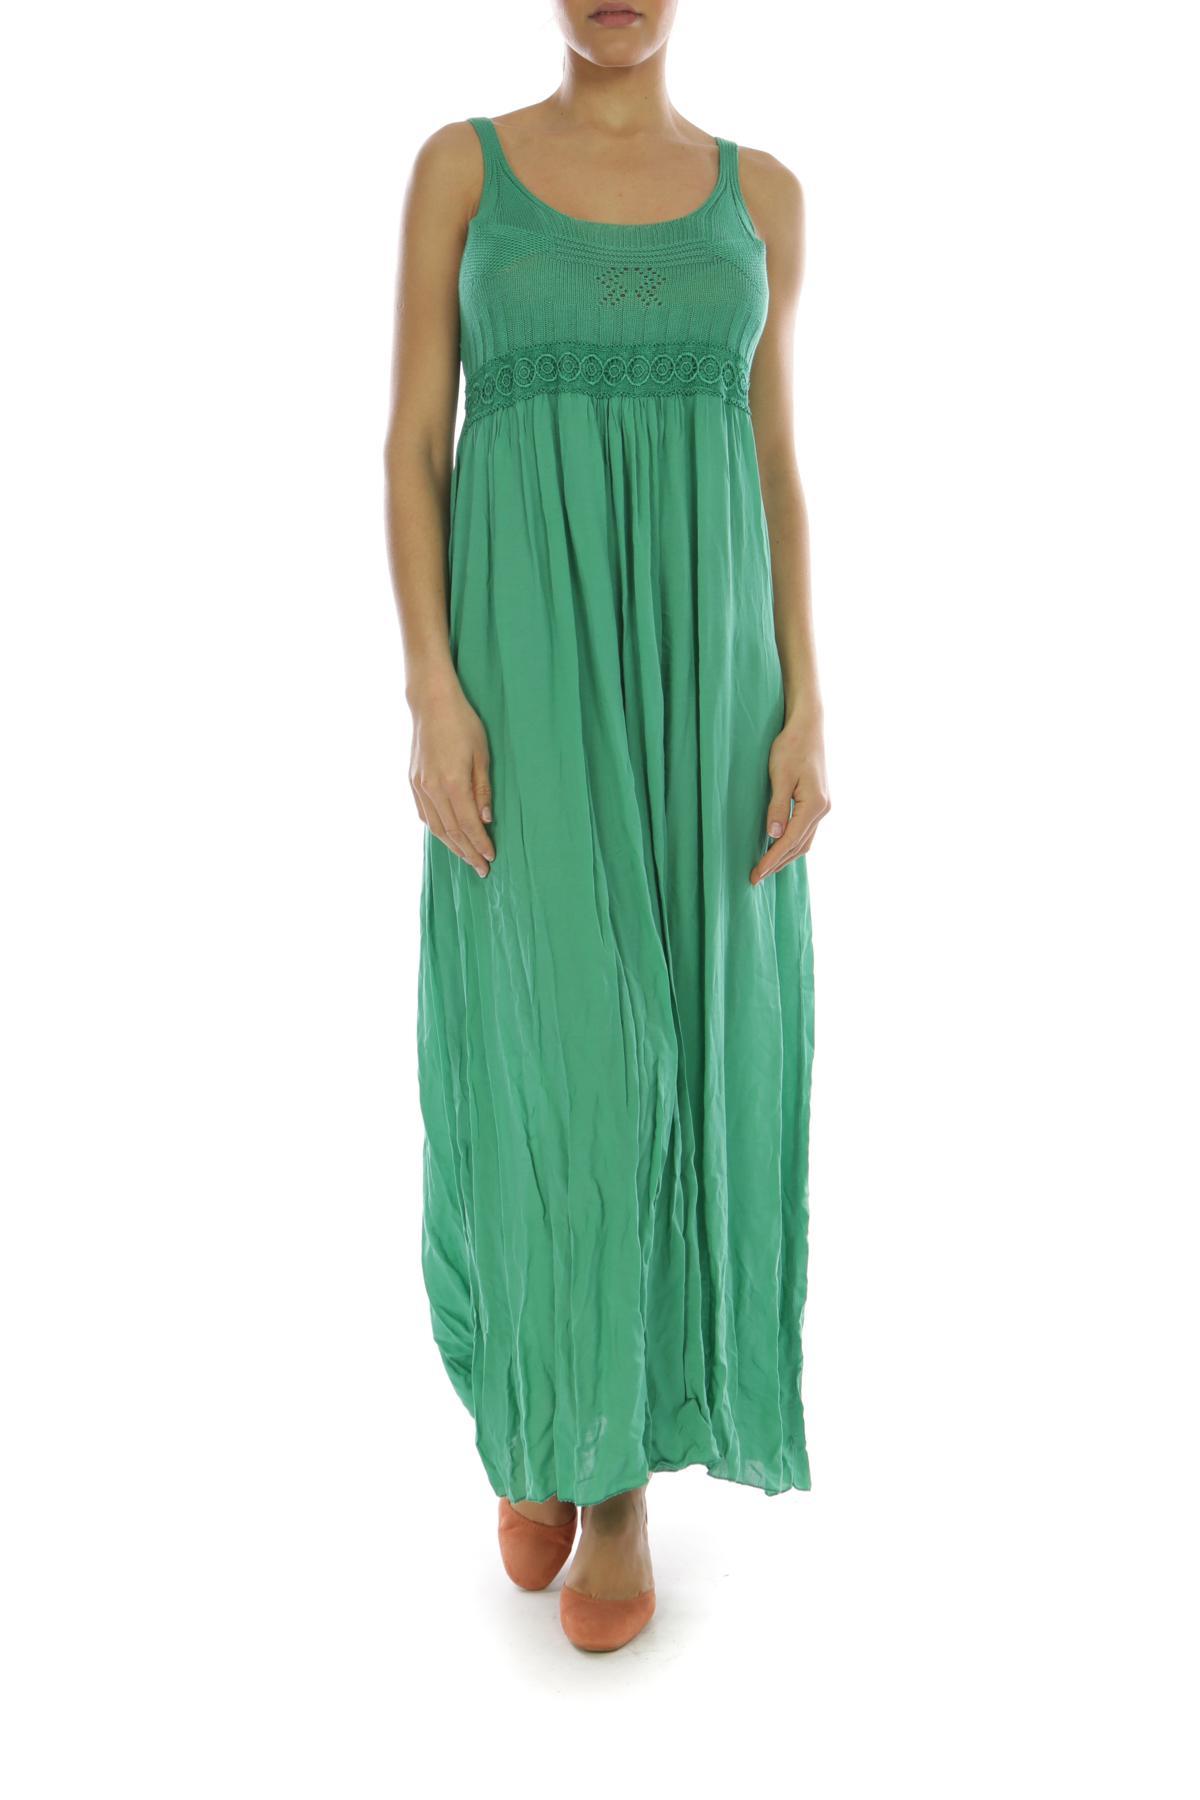 Robes longues Femme Vert GO POMELO X1677 #c Efashion Paris